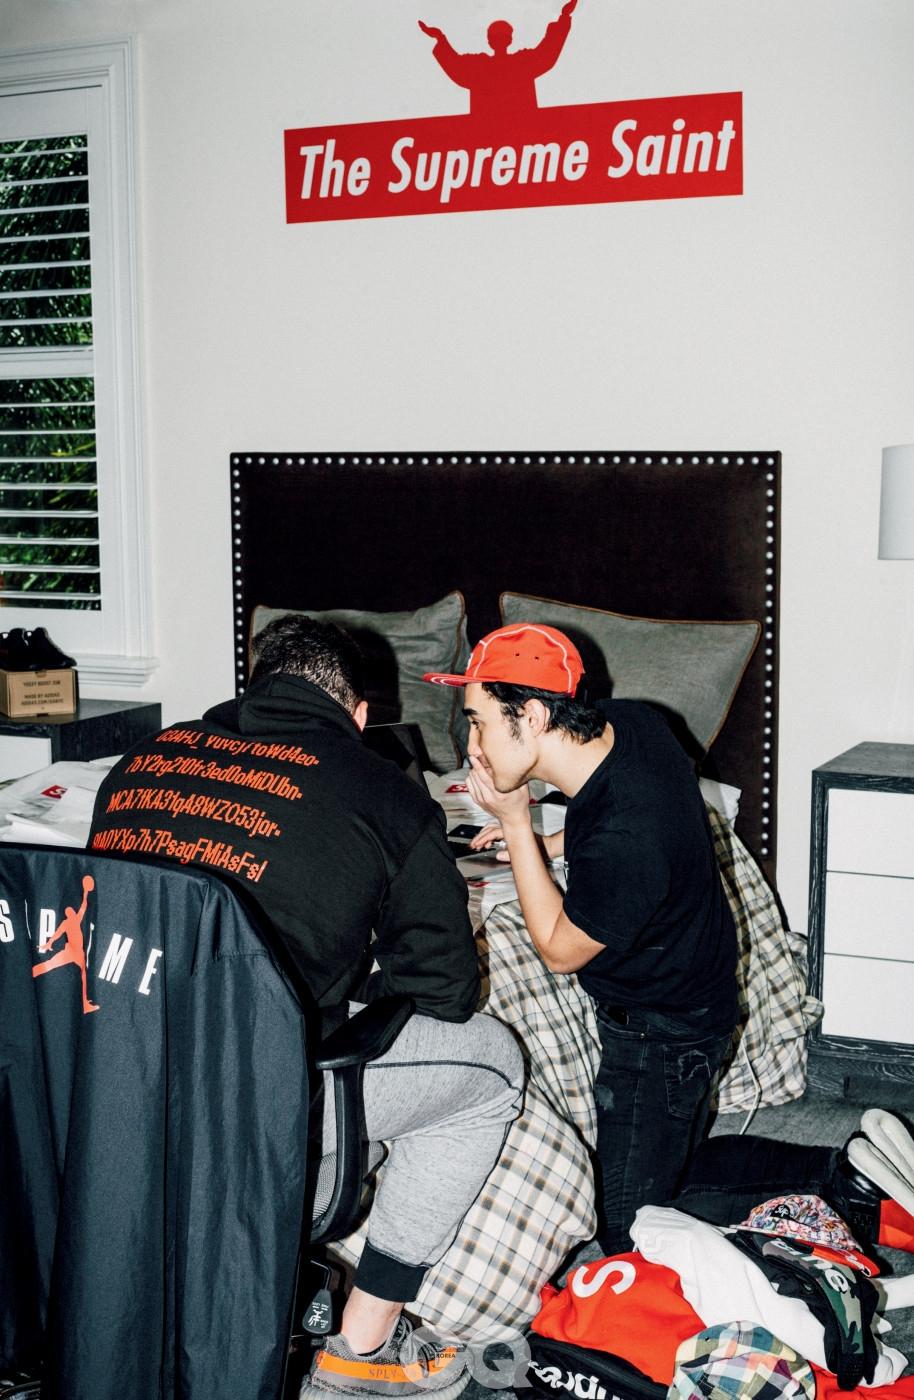 신상품 발매 전에 맷의 침실에 있는 두 사람.